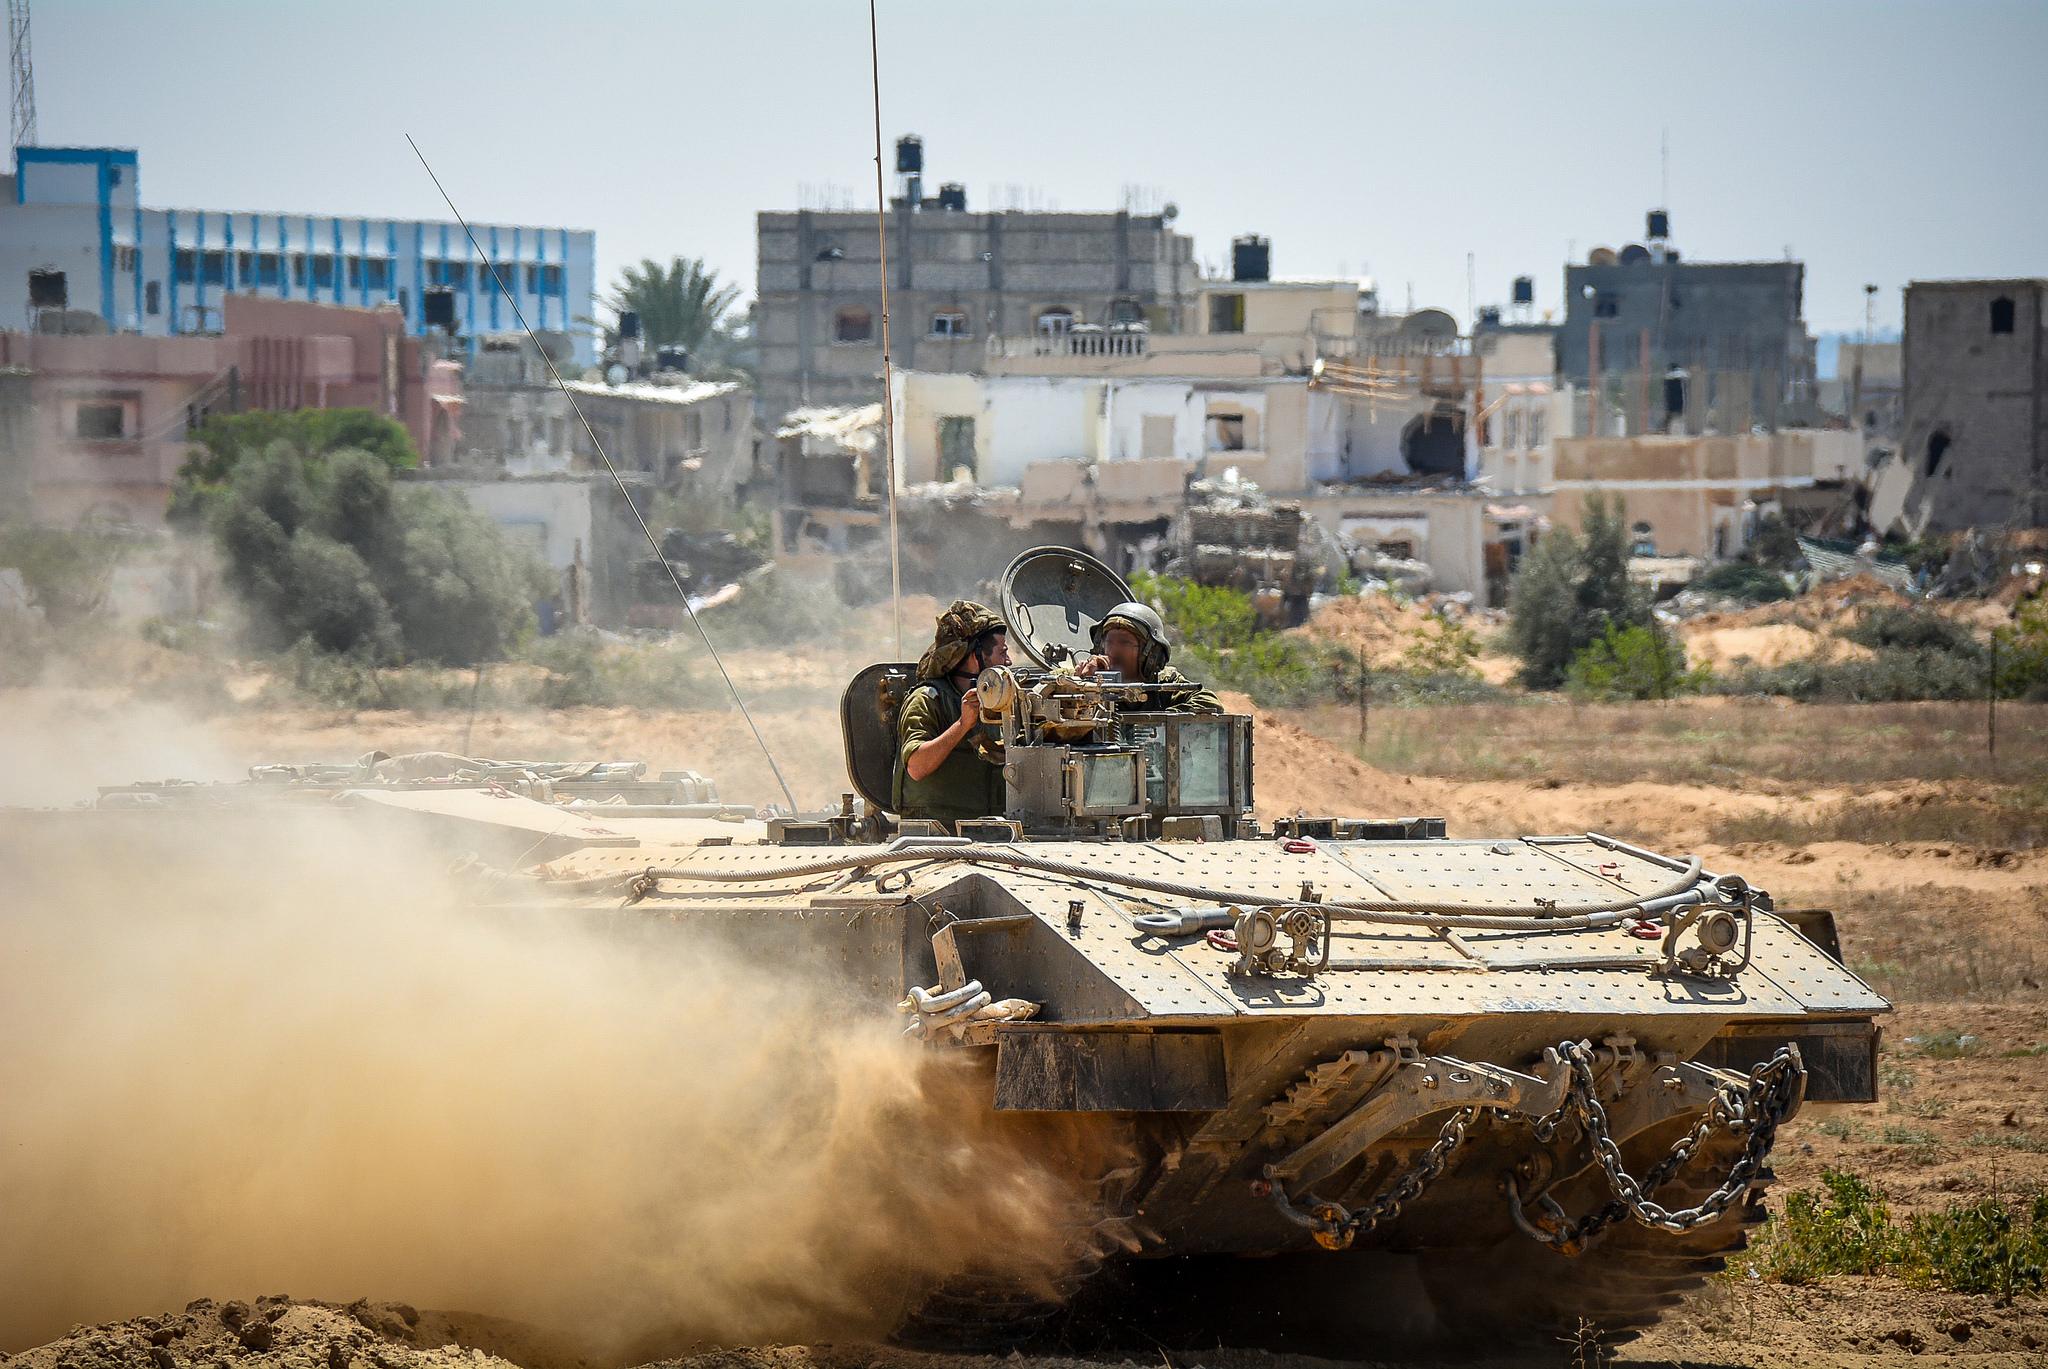 """חמאס מאשים: """"ישראל 'ממציאה' ירי, בניסיון להצדיק את תקיפותיה"""